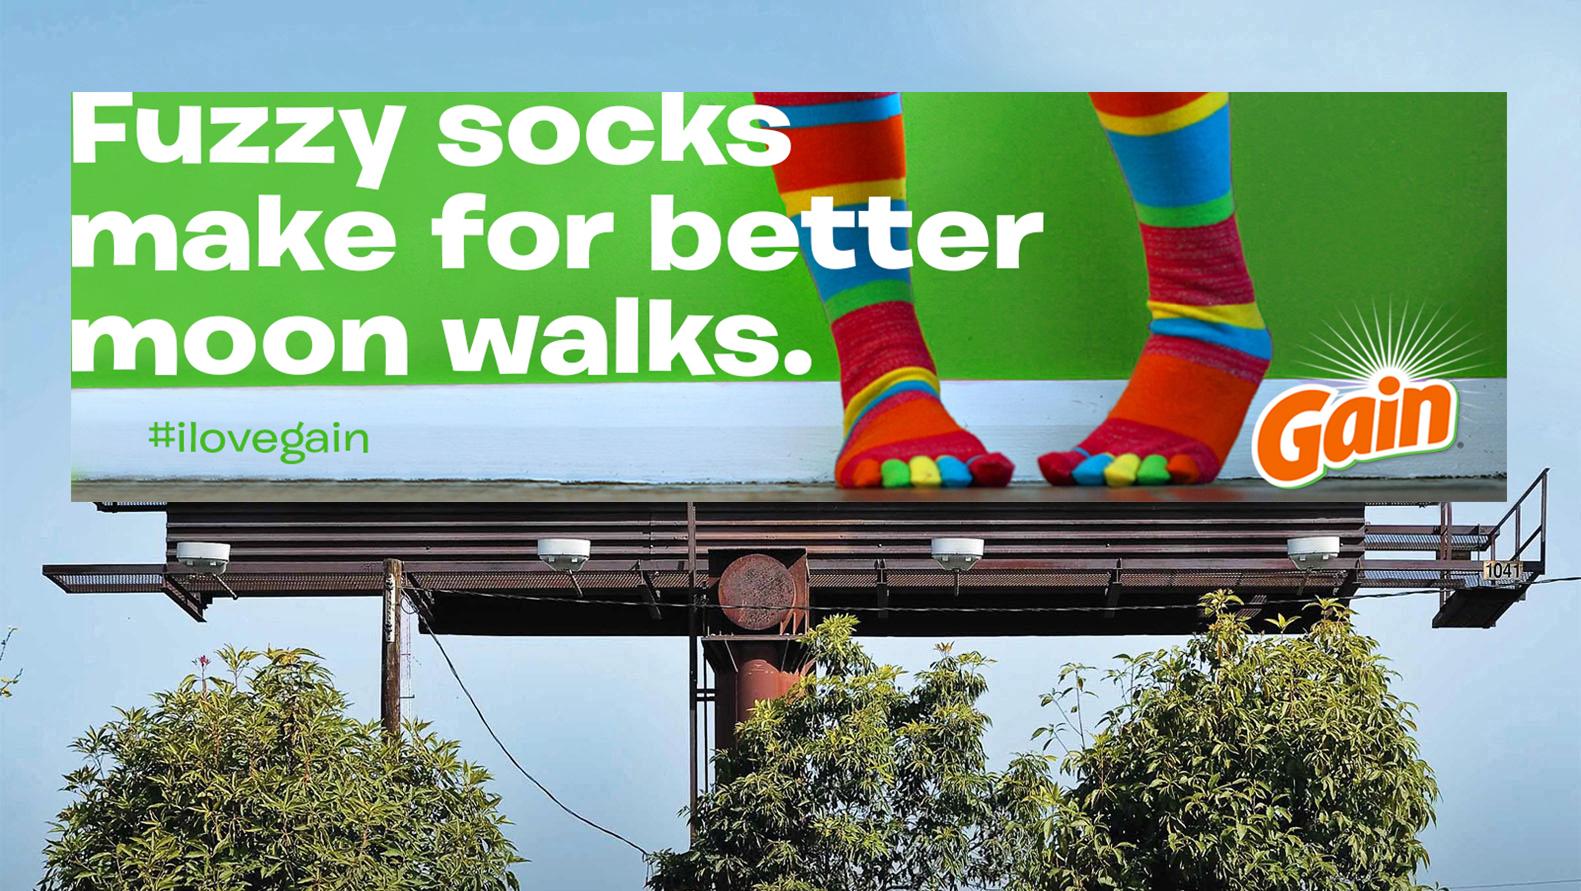 socks_context.jpg